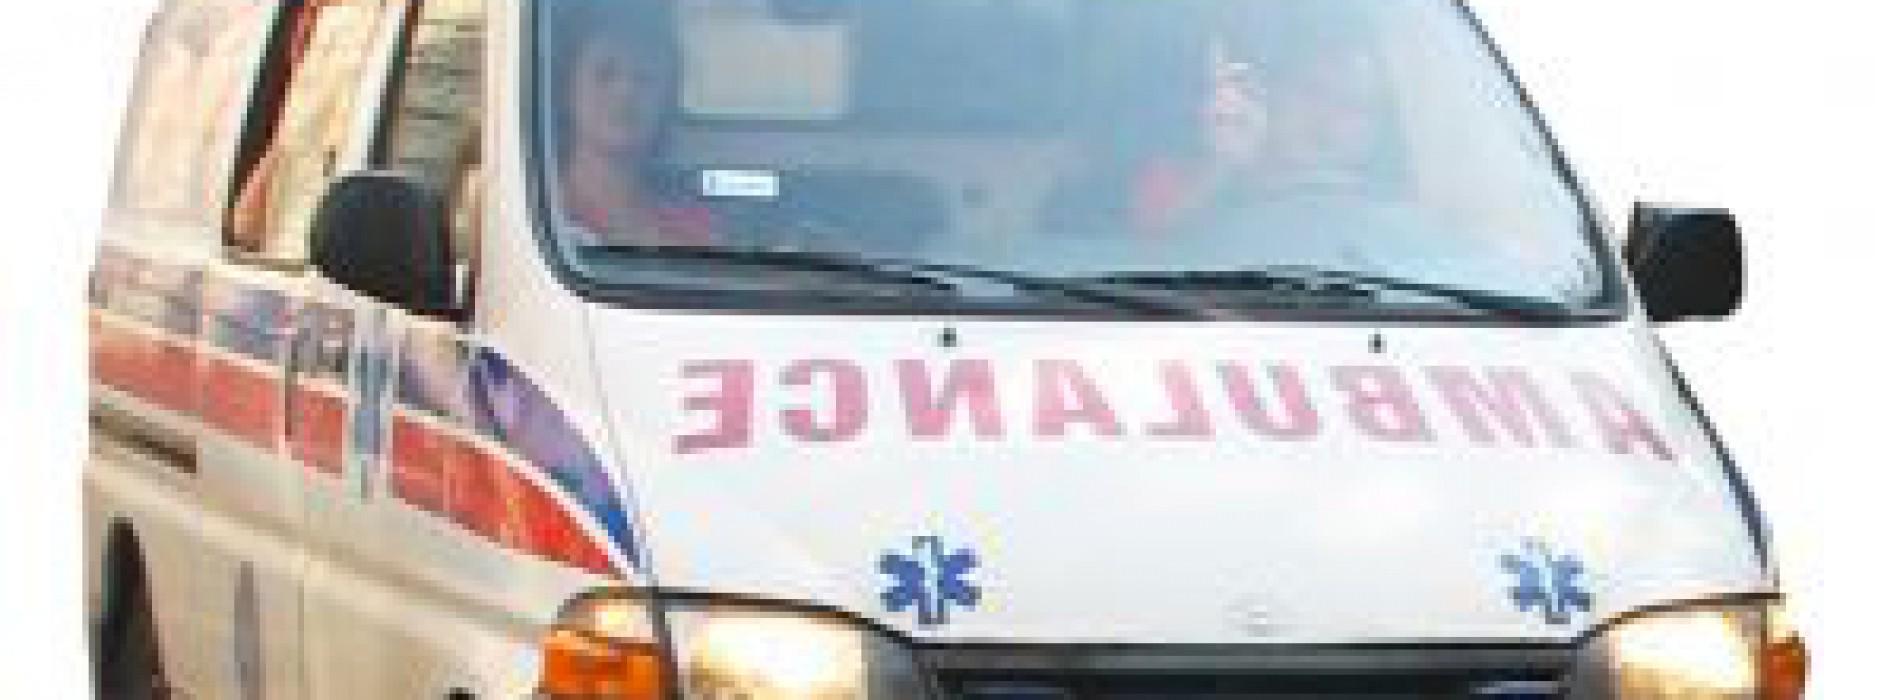 16 – miesięczny chłopiec walczy o życie po tym, jak wypadł z okna klatki schodowej